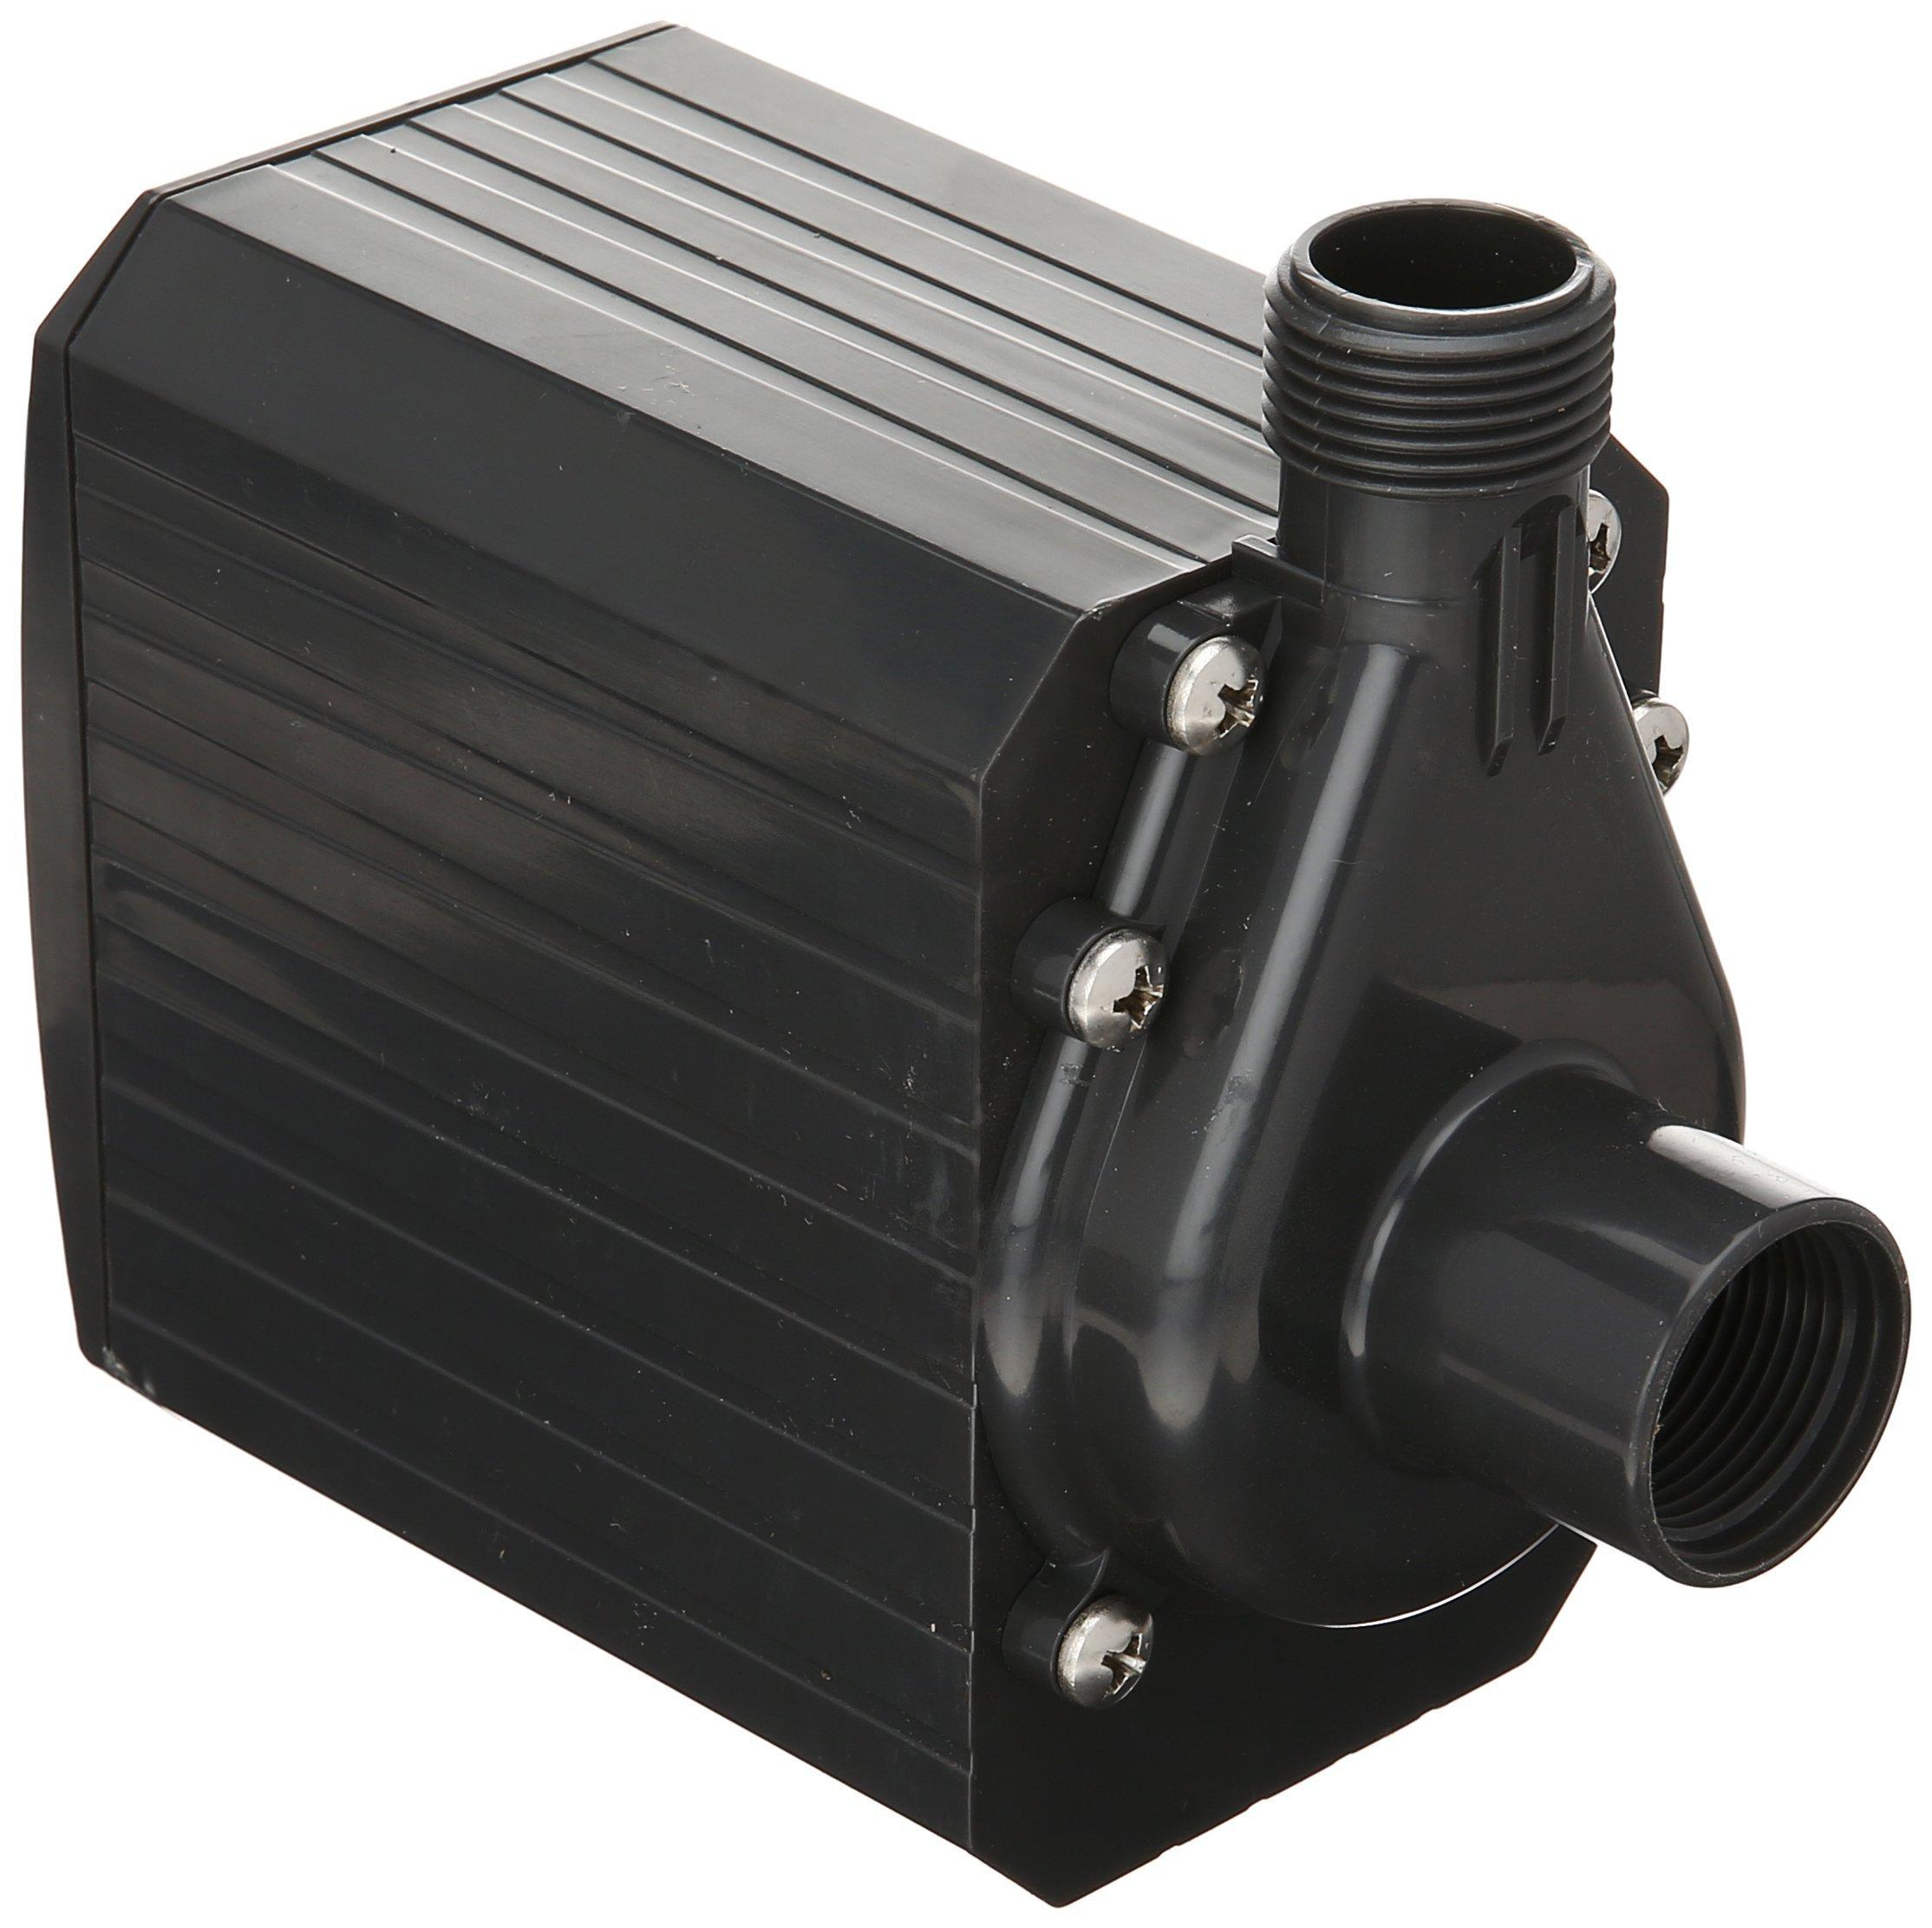 Supreme (Danner) ASP02718 Mag Drive 18-Water Pump for Aquarium by Danner